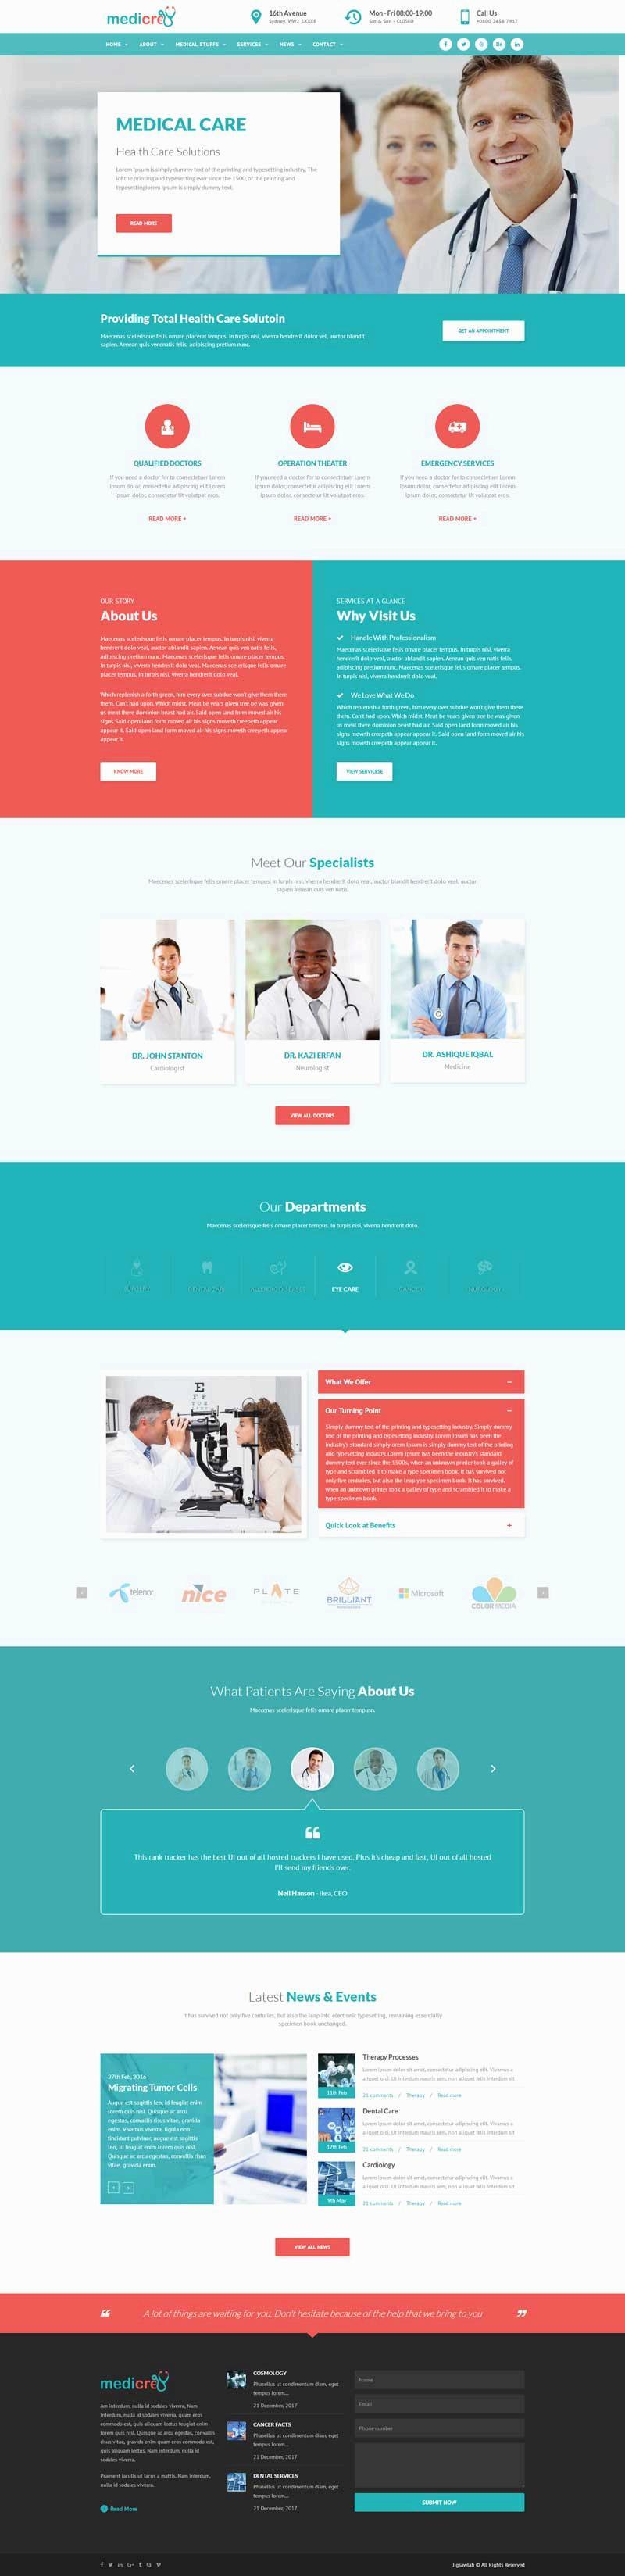 绿色的医院医疗健康行业网站模板